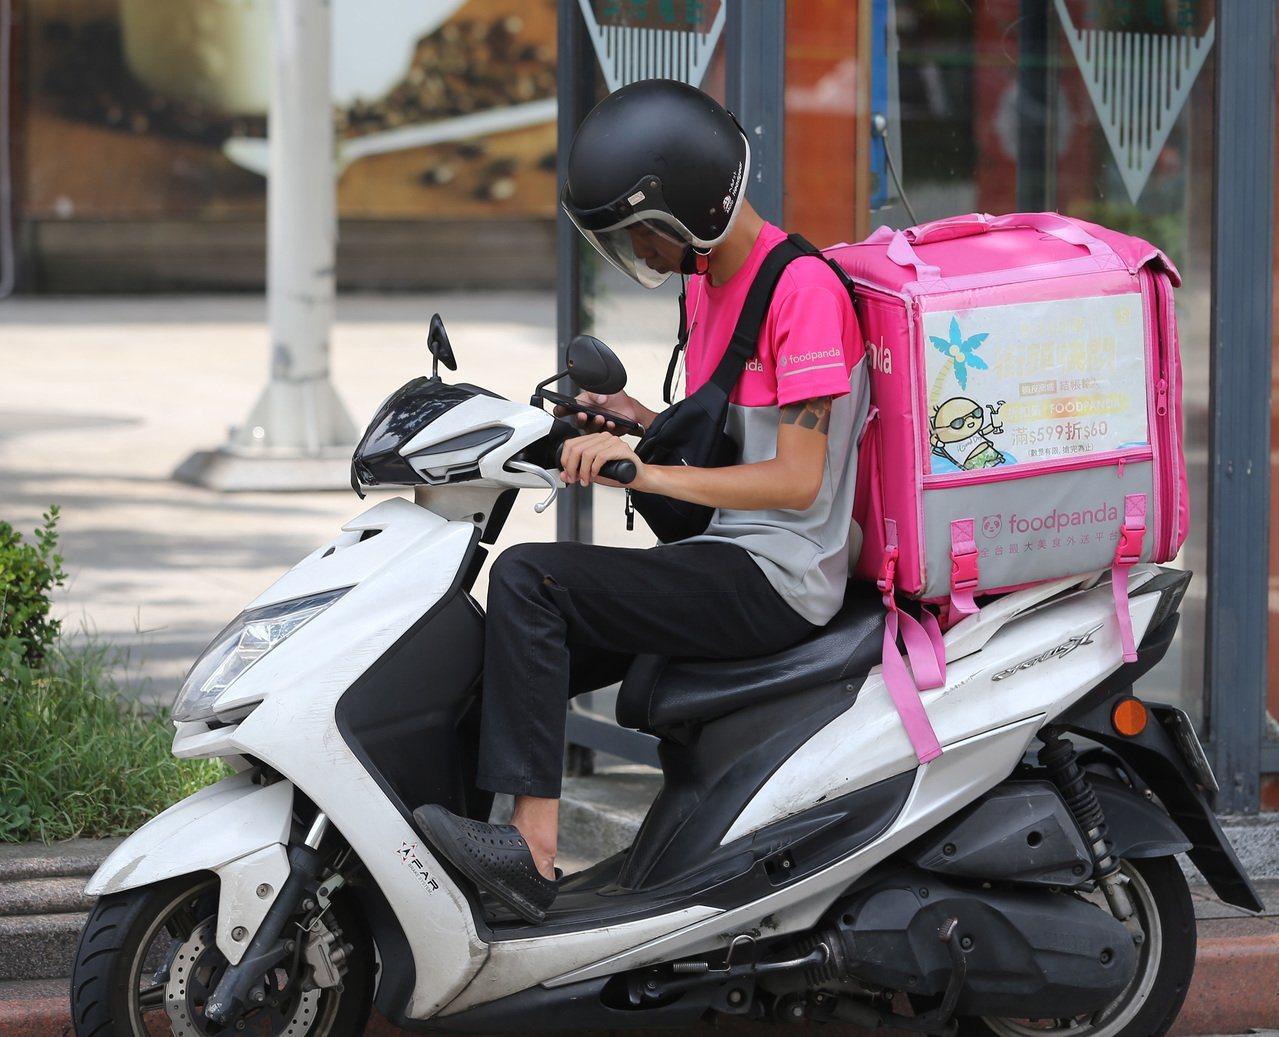 美食外送員意外頻傳,台灣外傷醫學會呼籲限制工時,加強超速取締,以降低車禍死亡率。...